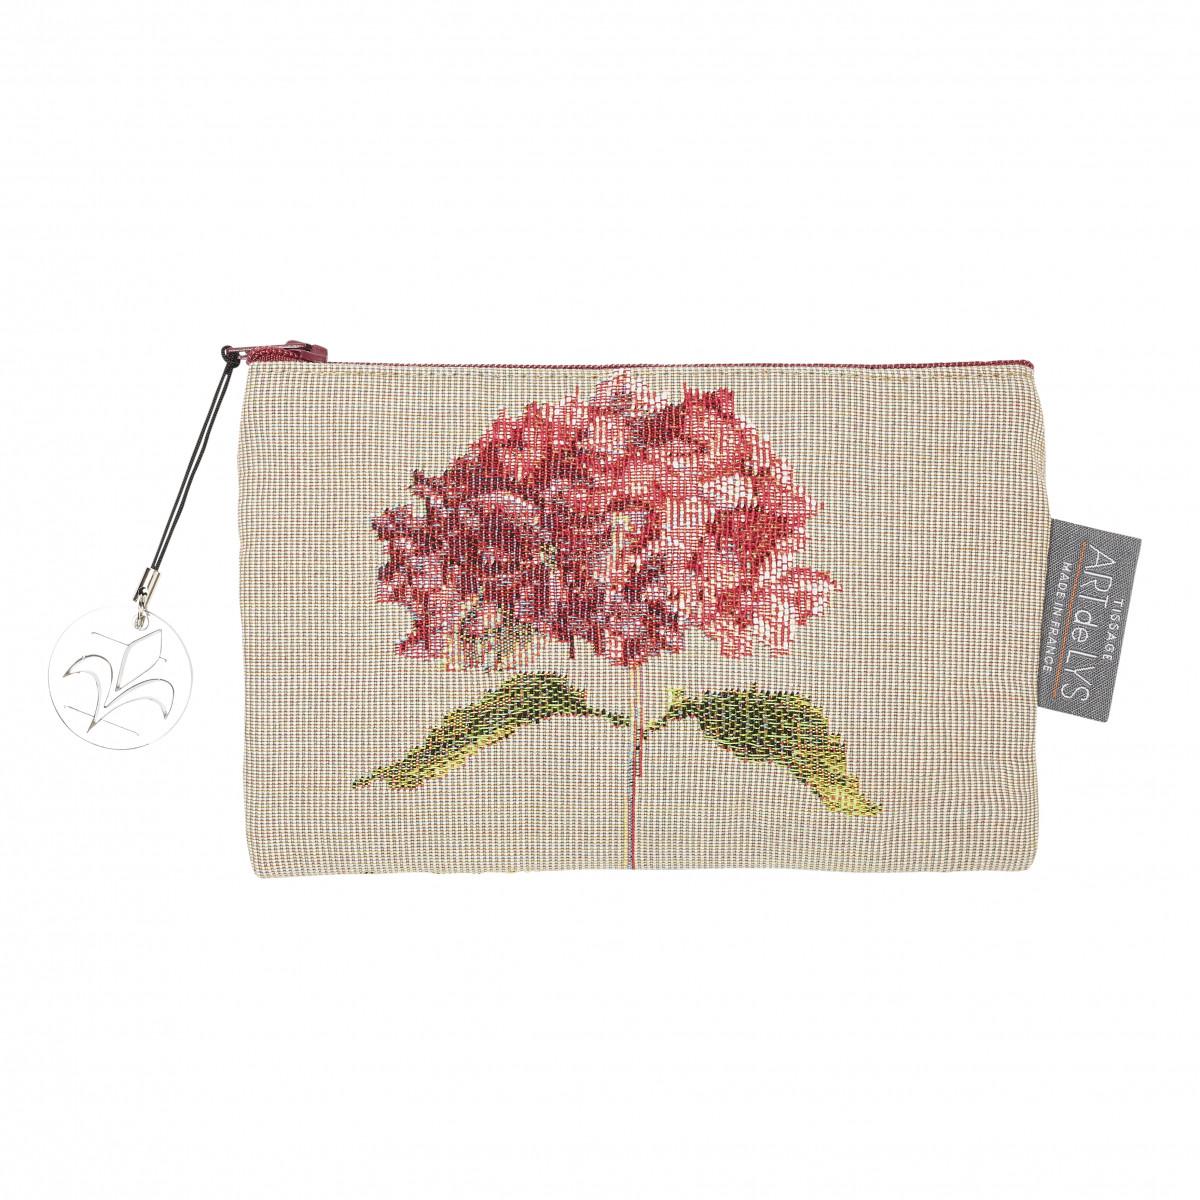 Pochette tapisserie hortensias beige 11x17